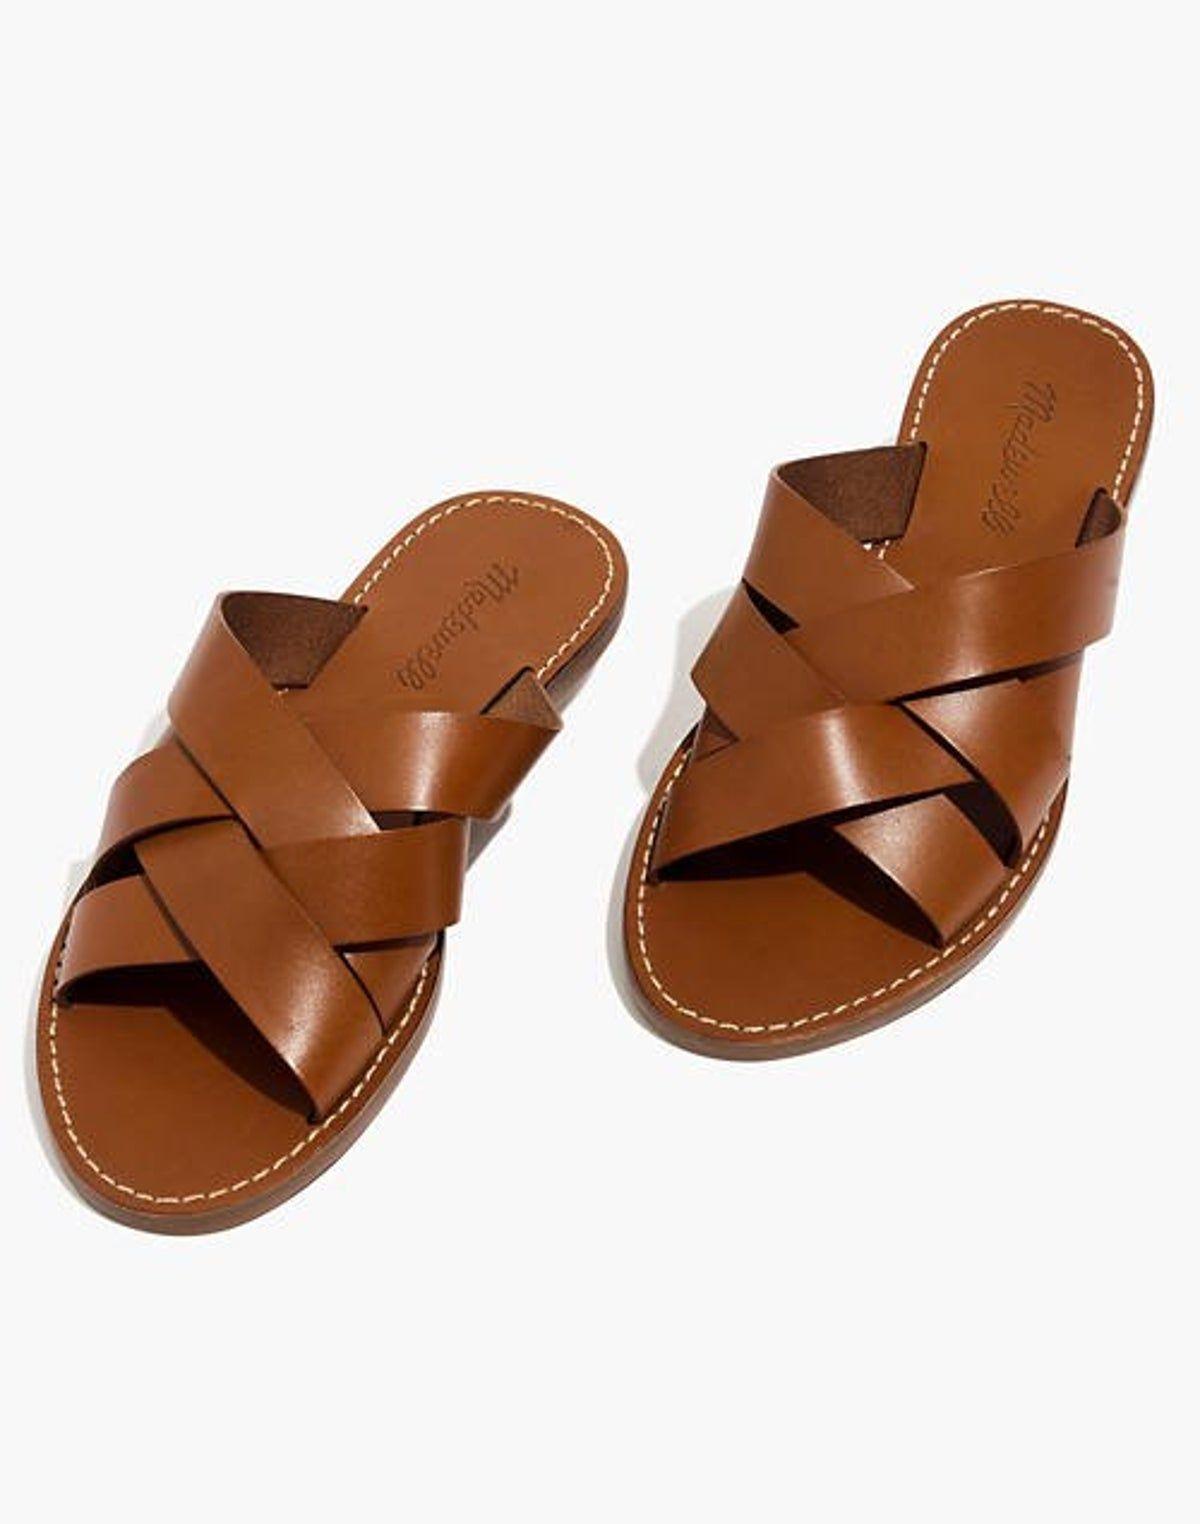 Accessorize London Femme Filles Sandales curseurs Pantoufles Chaussures Chaussures